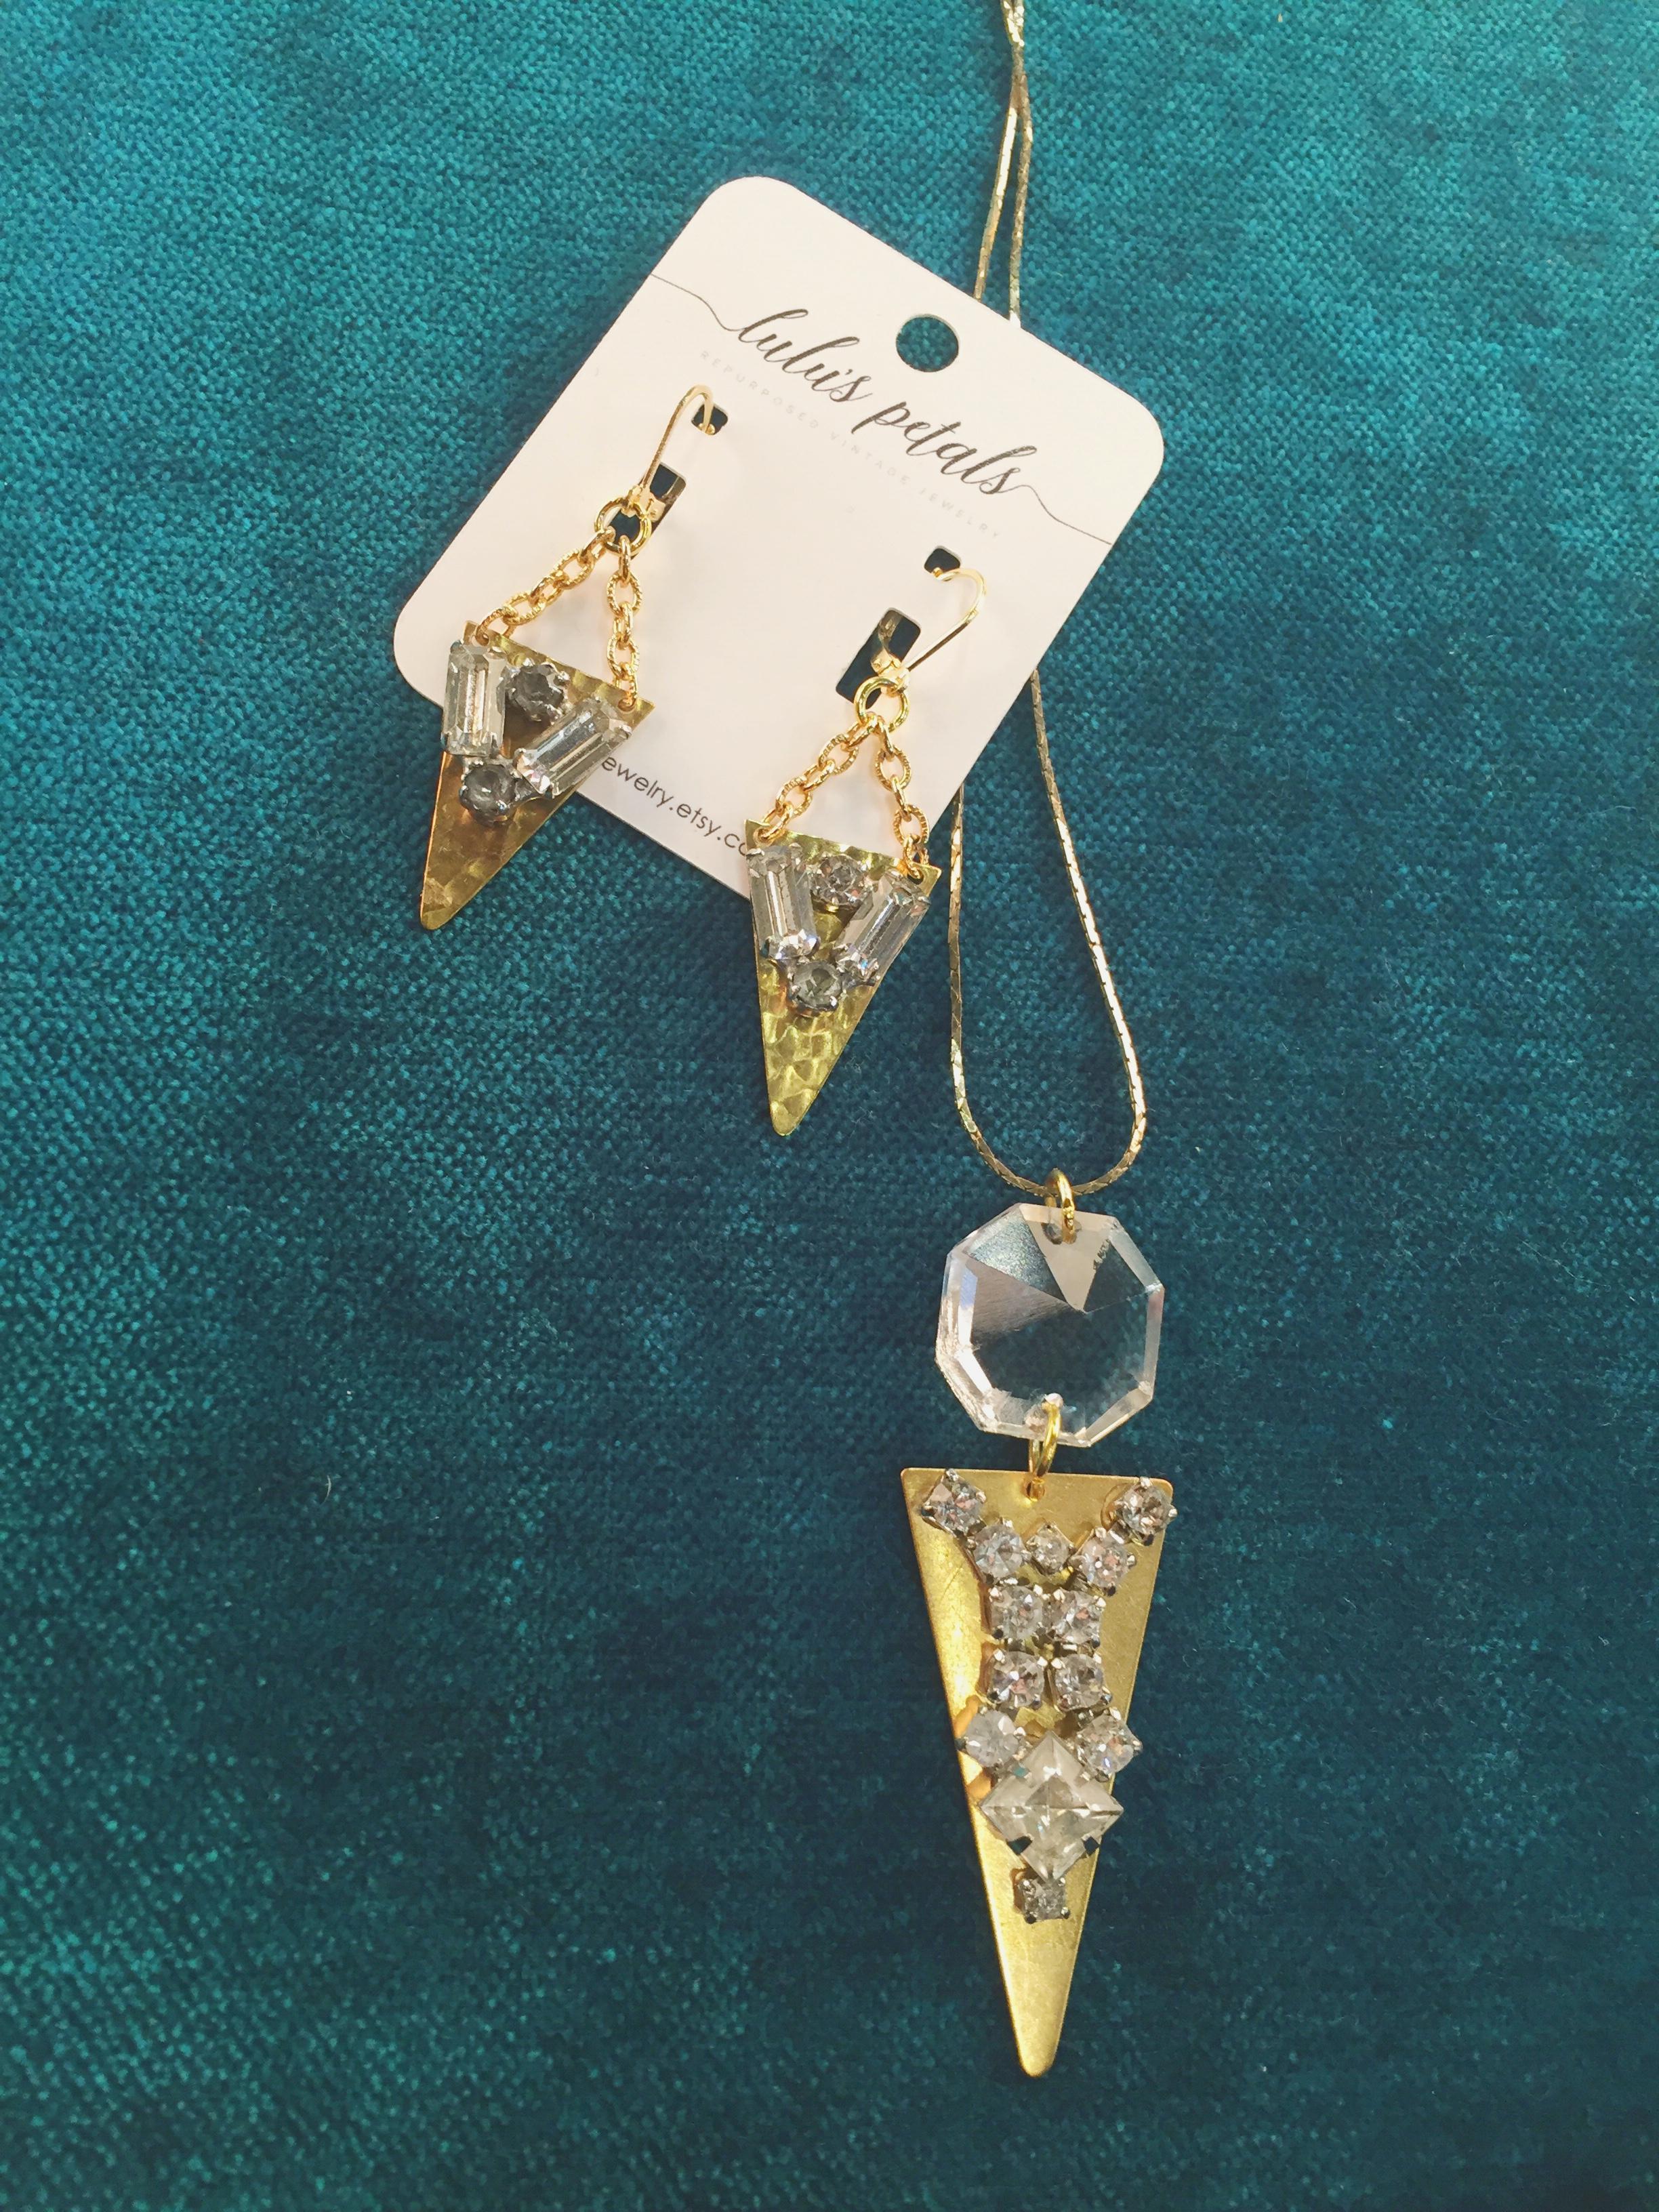 Necklace, $42; Earrings, $32